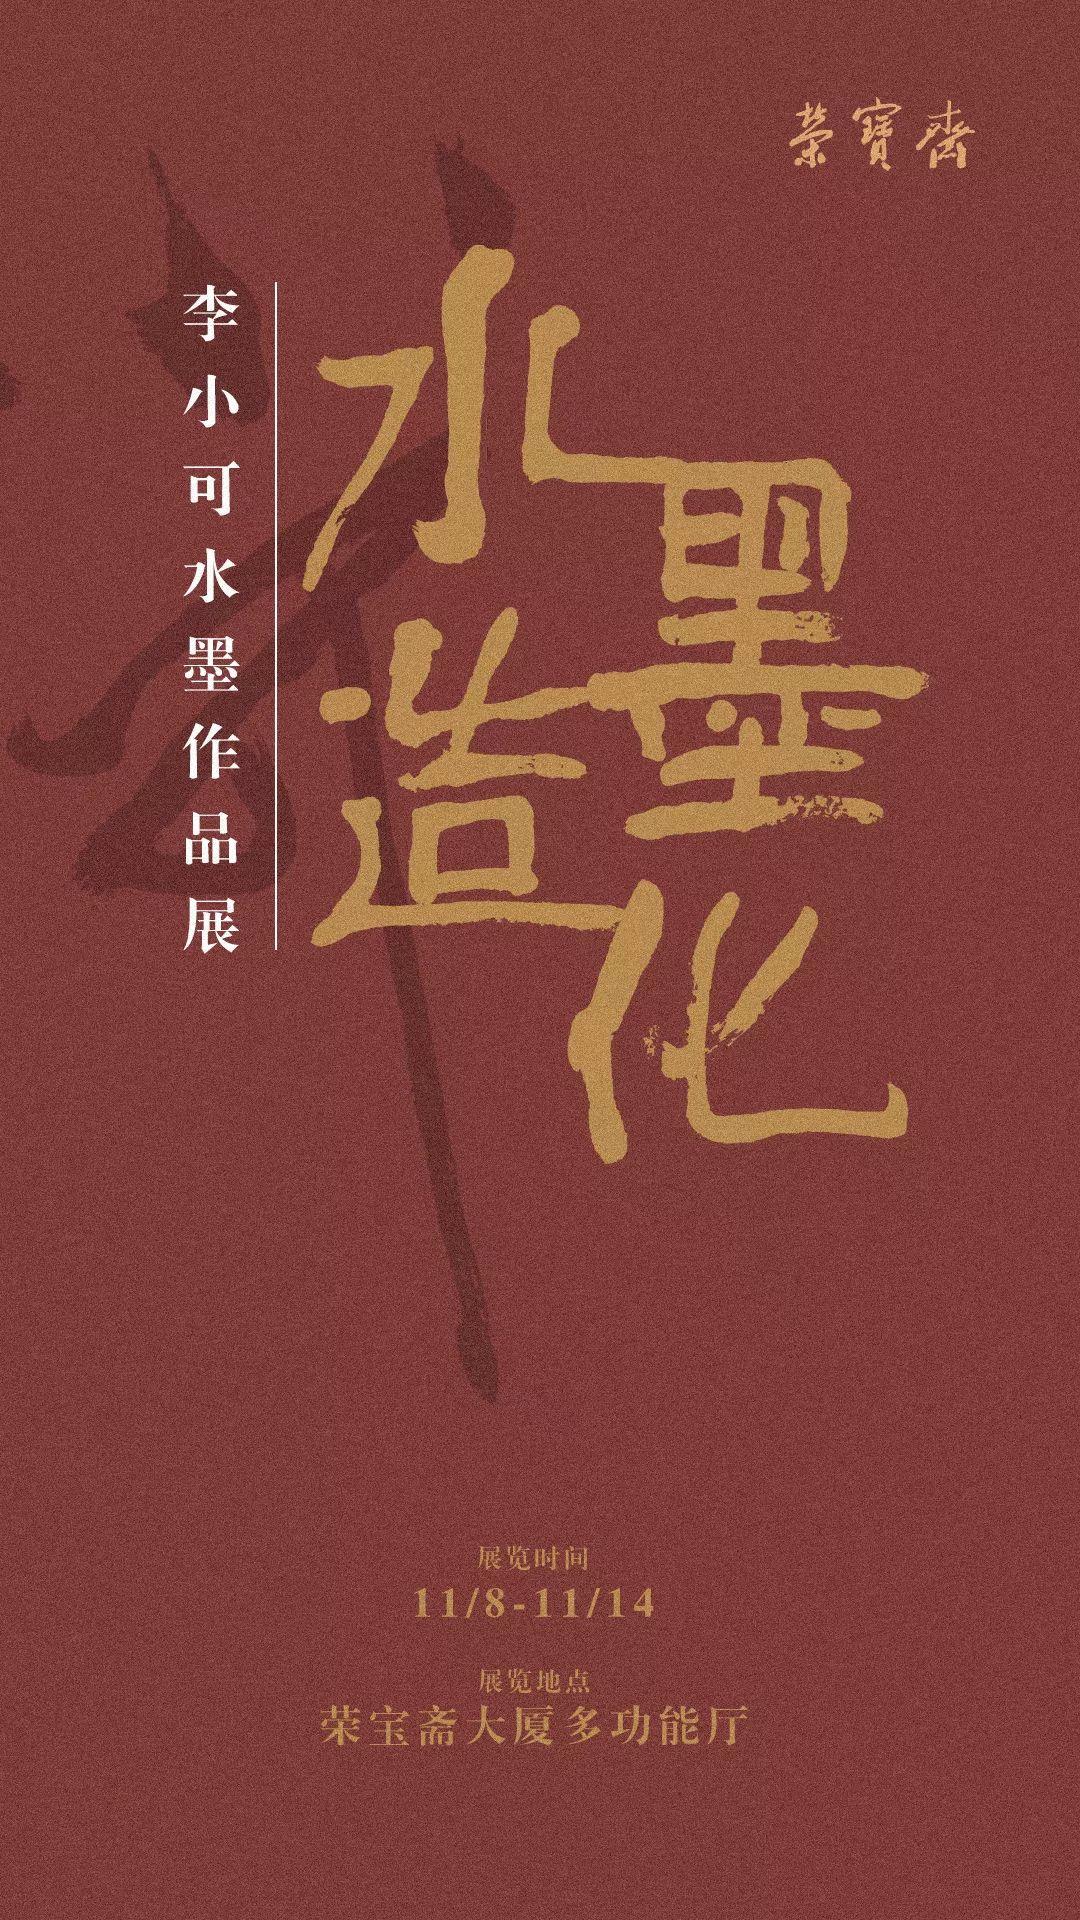 """""""水墨造化·李小可水墨作品展""""于11月8日在荣宝斋大厦开幕"""